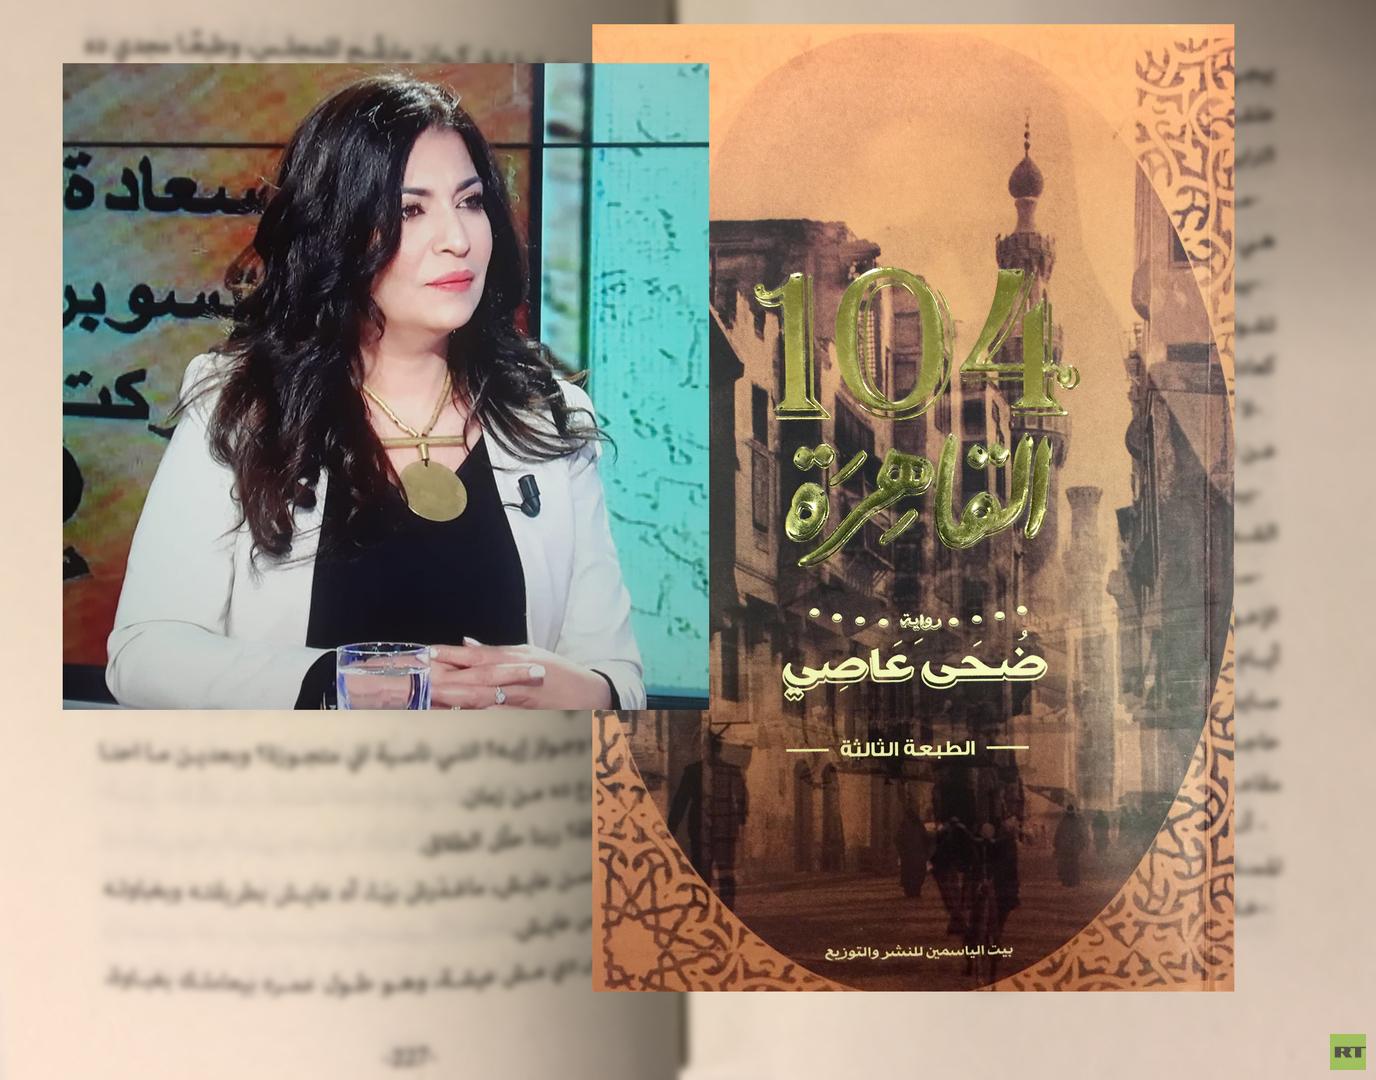 الكاتبة المصرية ضحى عاصي باللغة الروسية